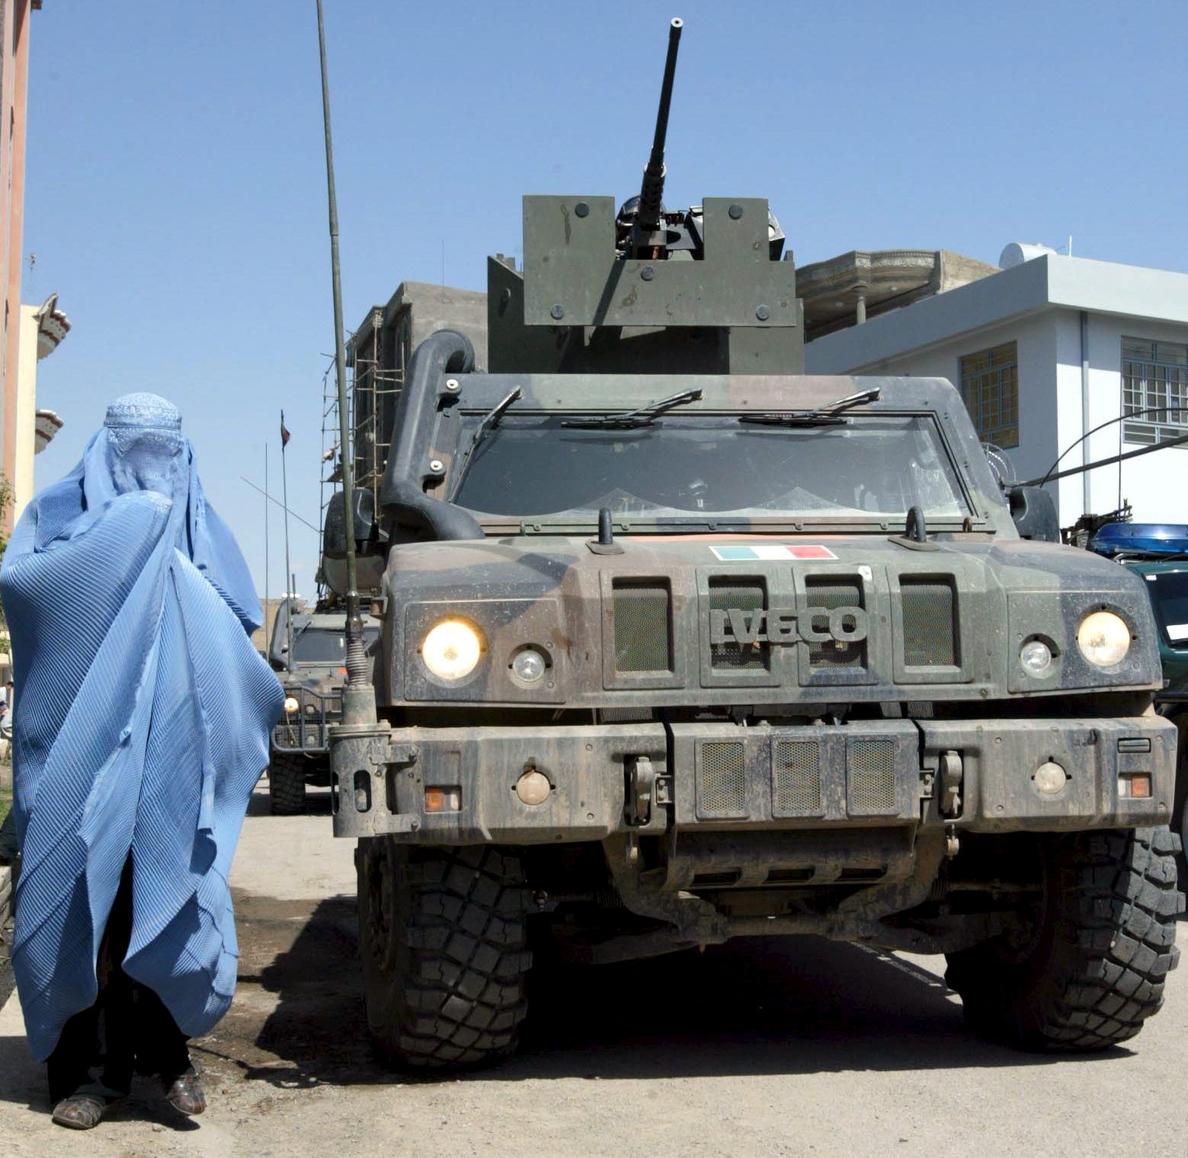 Mueren seis talibanes en el bombardeo de un dron estadounidense en Afganistán